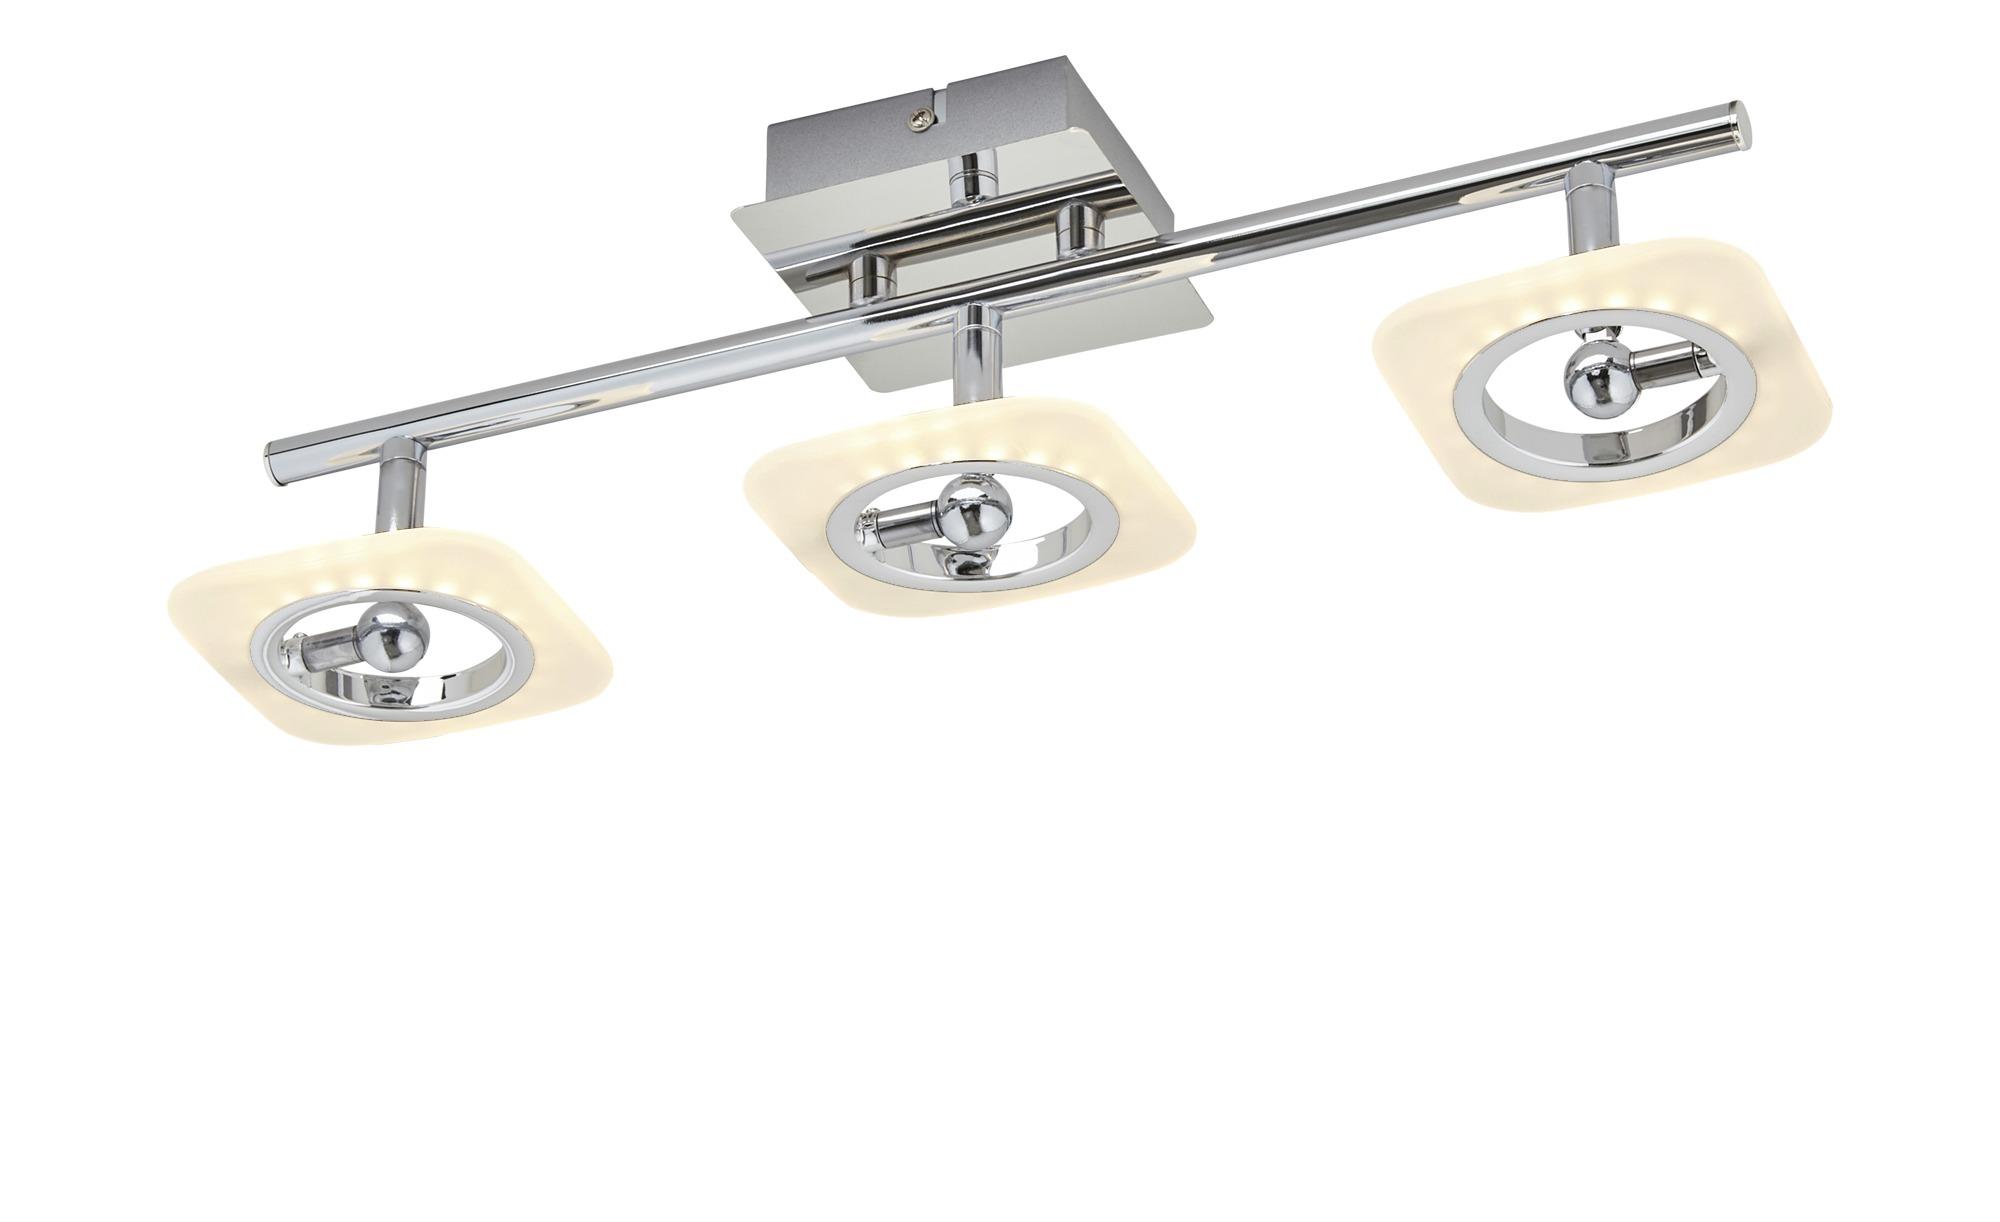 KHG LED-Deckenstrahler, 3-flammig chrom ¦ silber ¦ Maße (cm): B: 10 H: 11,5 Lampen & Leuchten > LED-Leuchten > LED-Strahler & Spots - Höffner